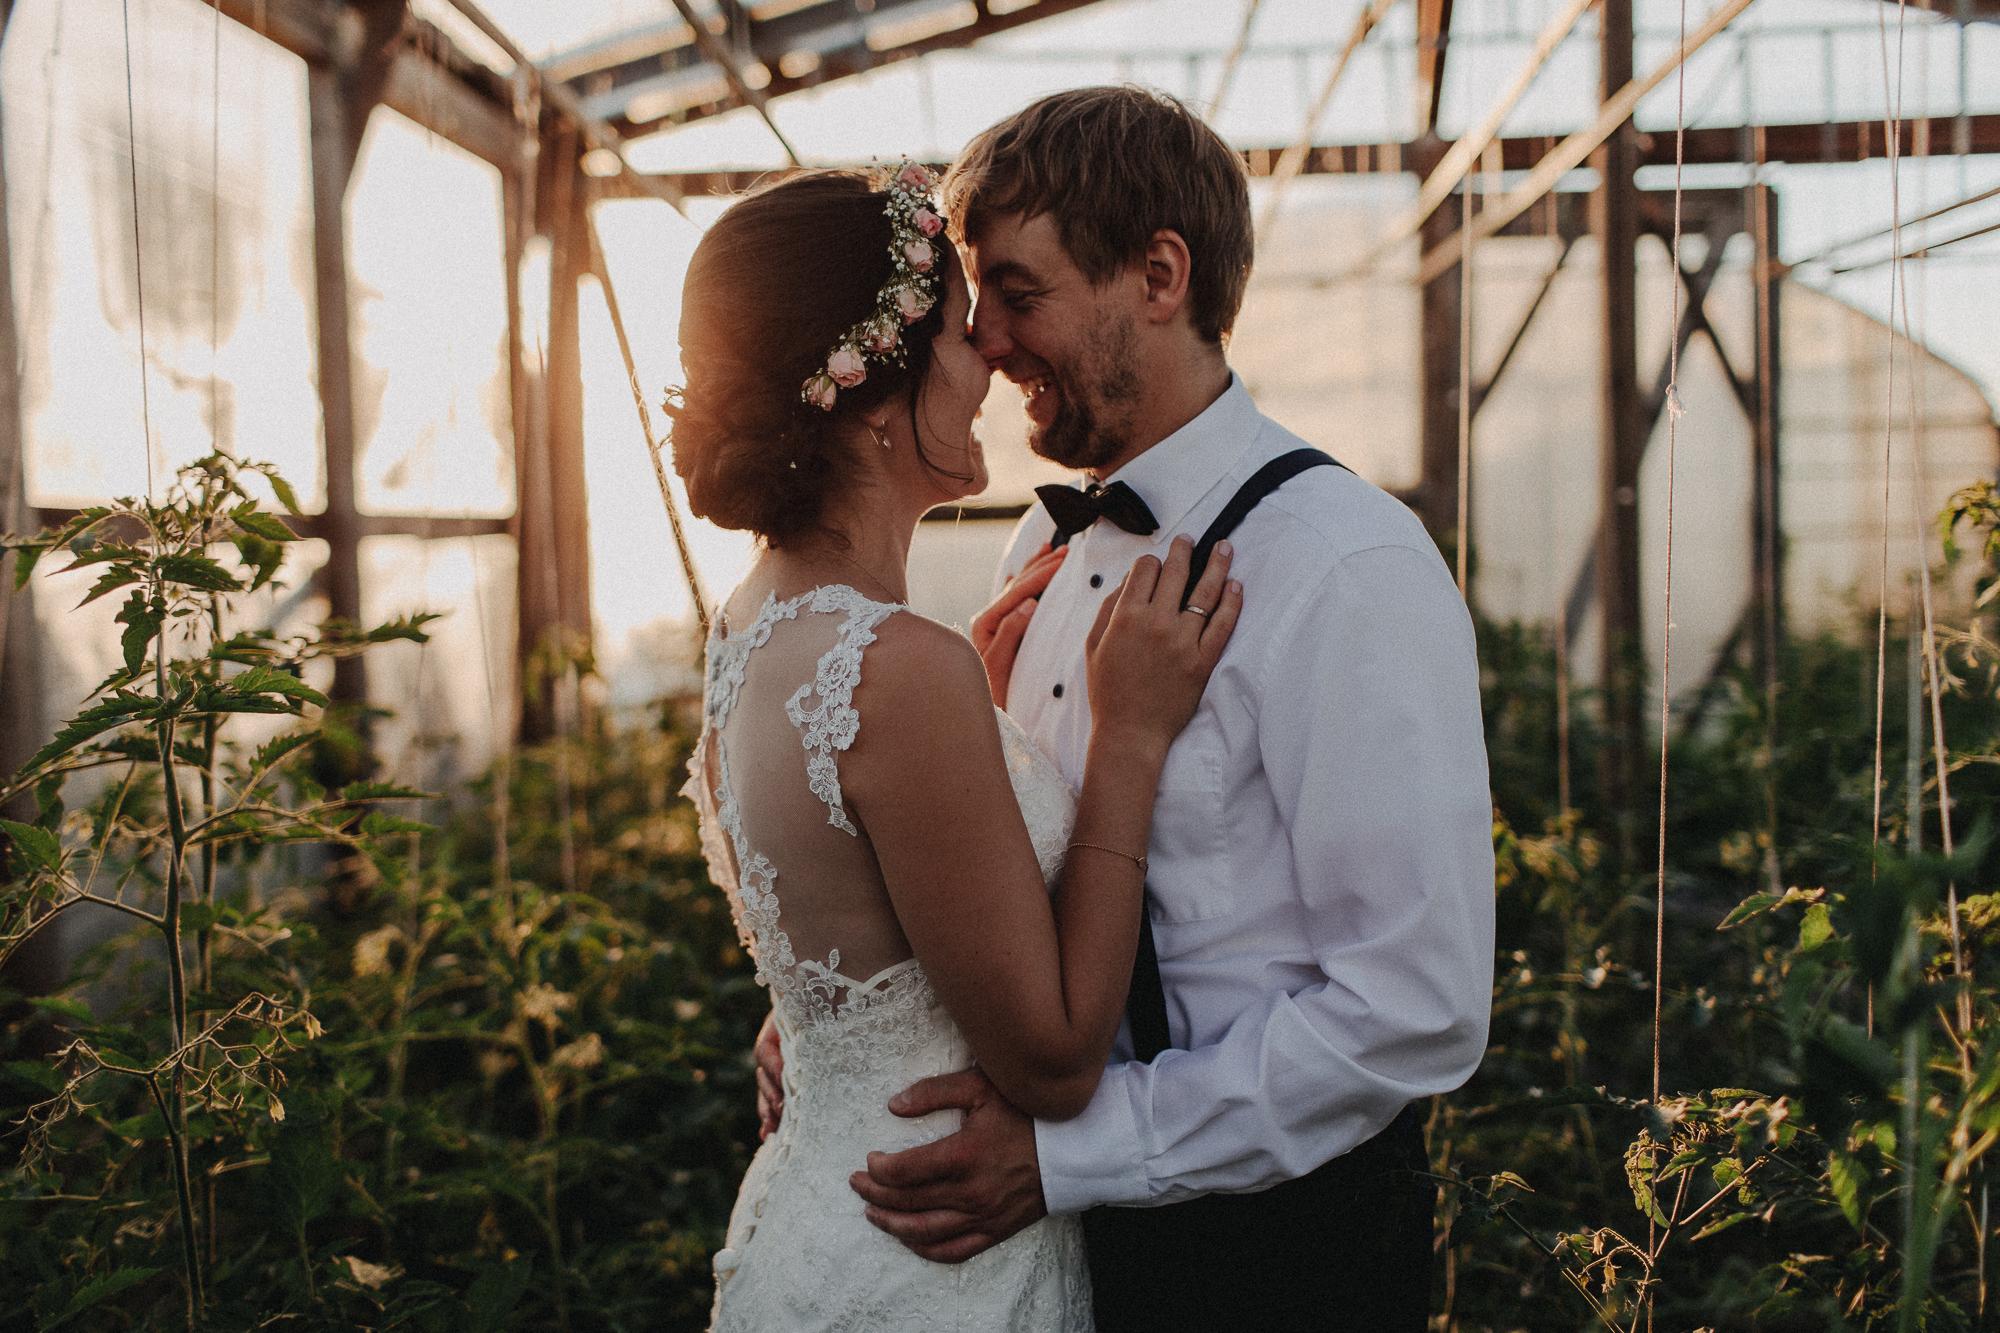 Hochzeitsfotograf-Potsdam-Titelbild-Tom und Lia Fotografie-5DT_2023